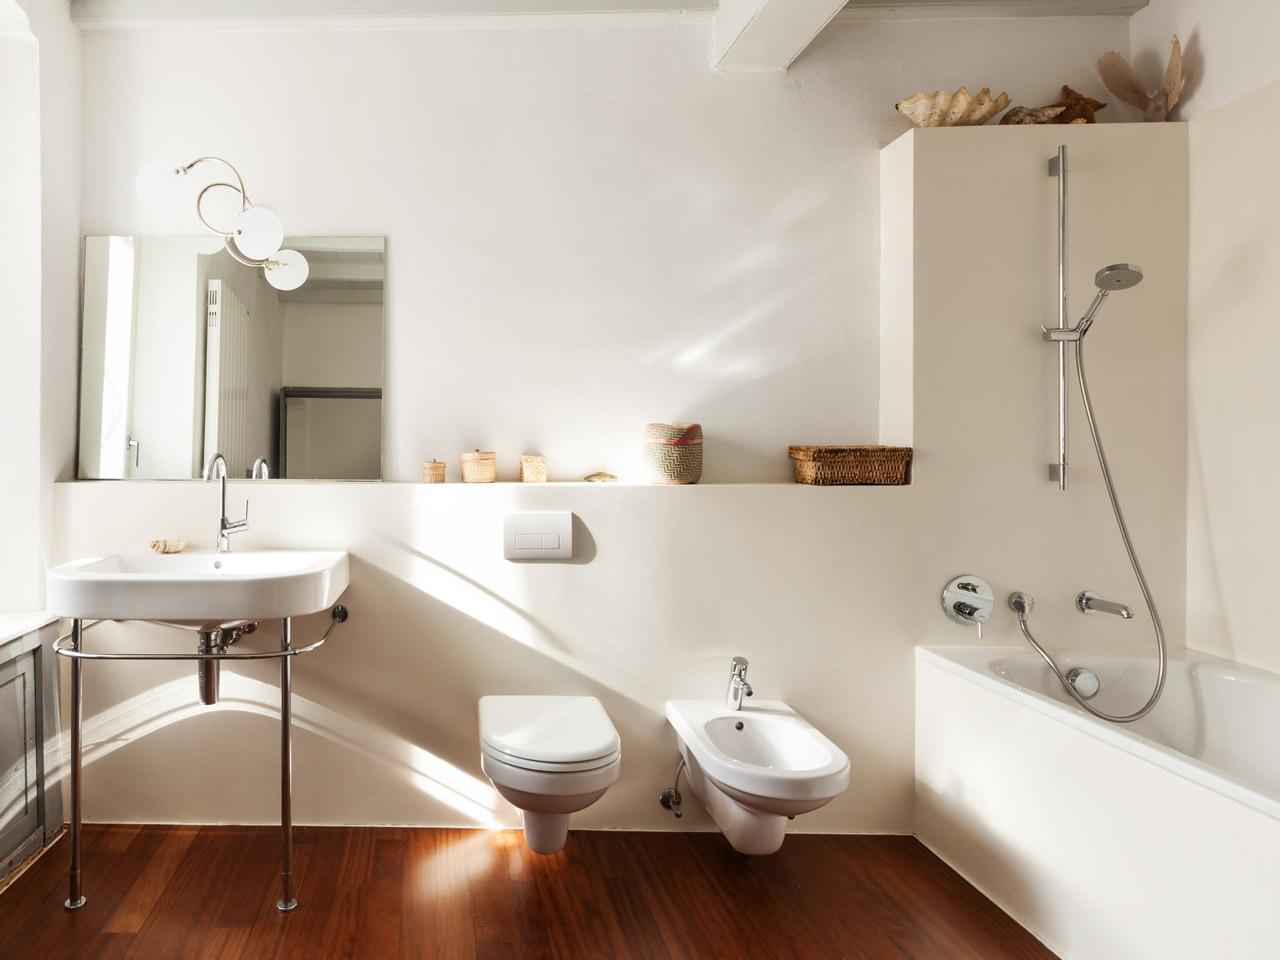 Charmant Badezimmer Deko Edel 21 Ideen Wie Sie Ein Kleines Bad Gestalten